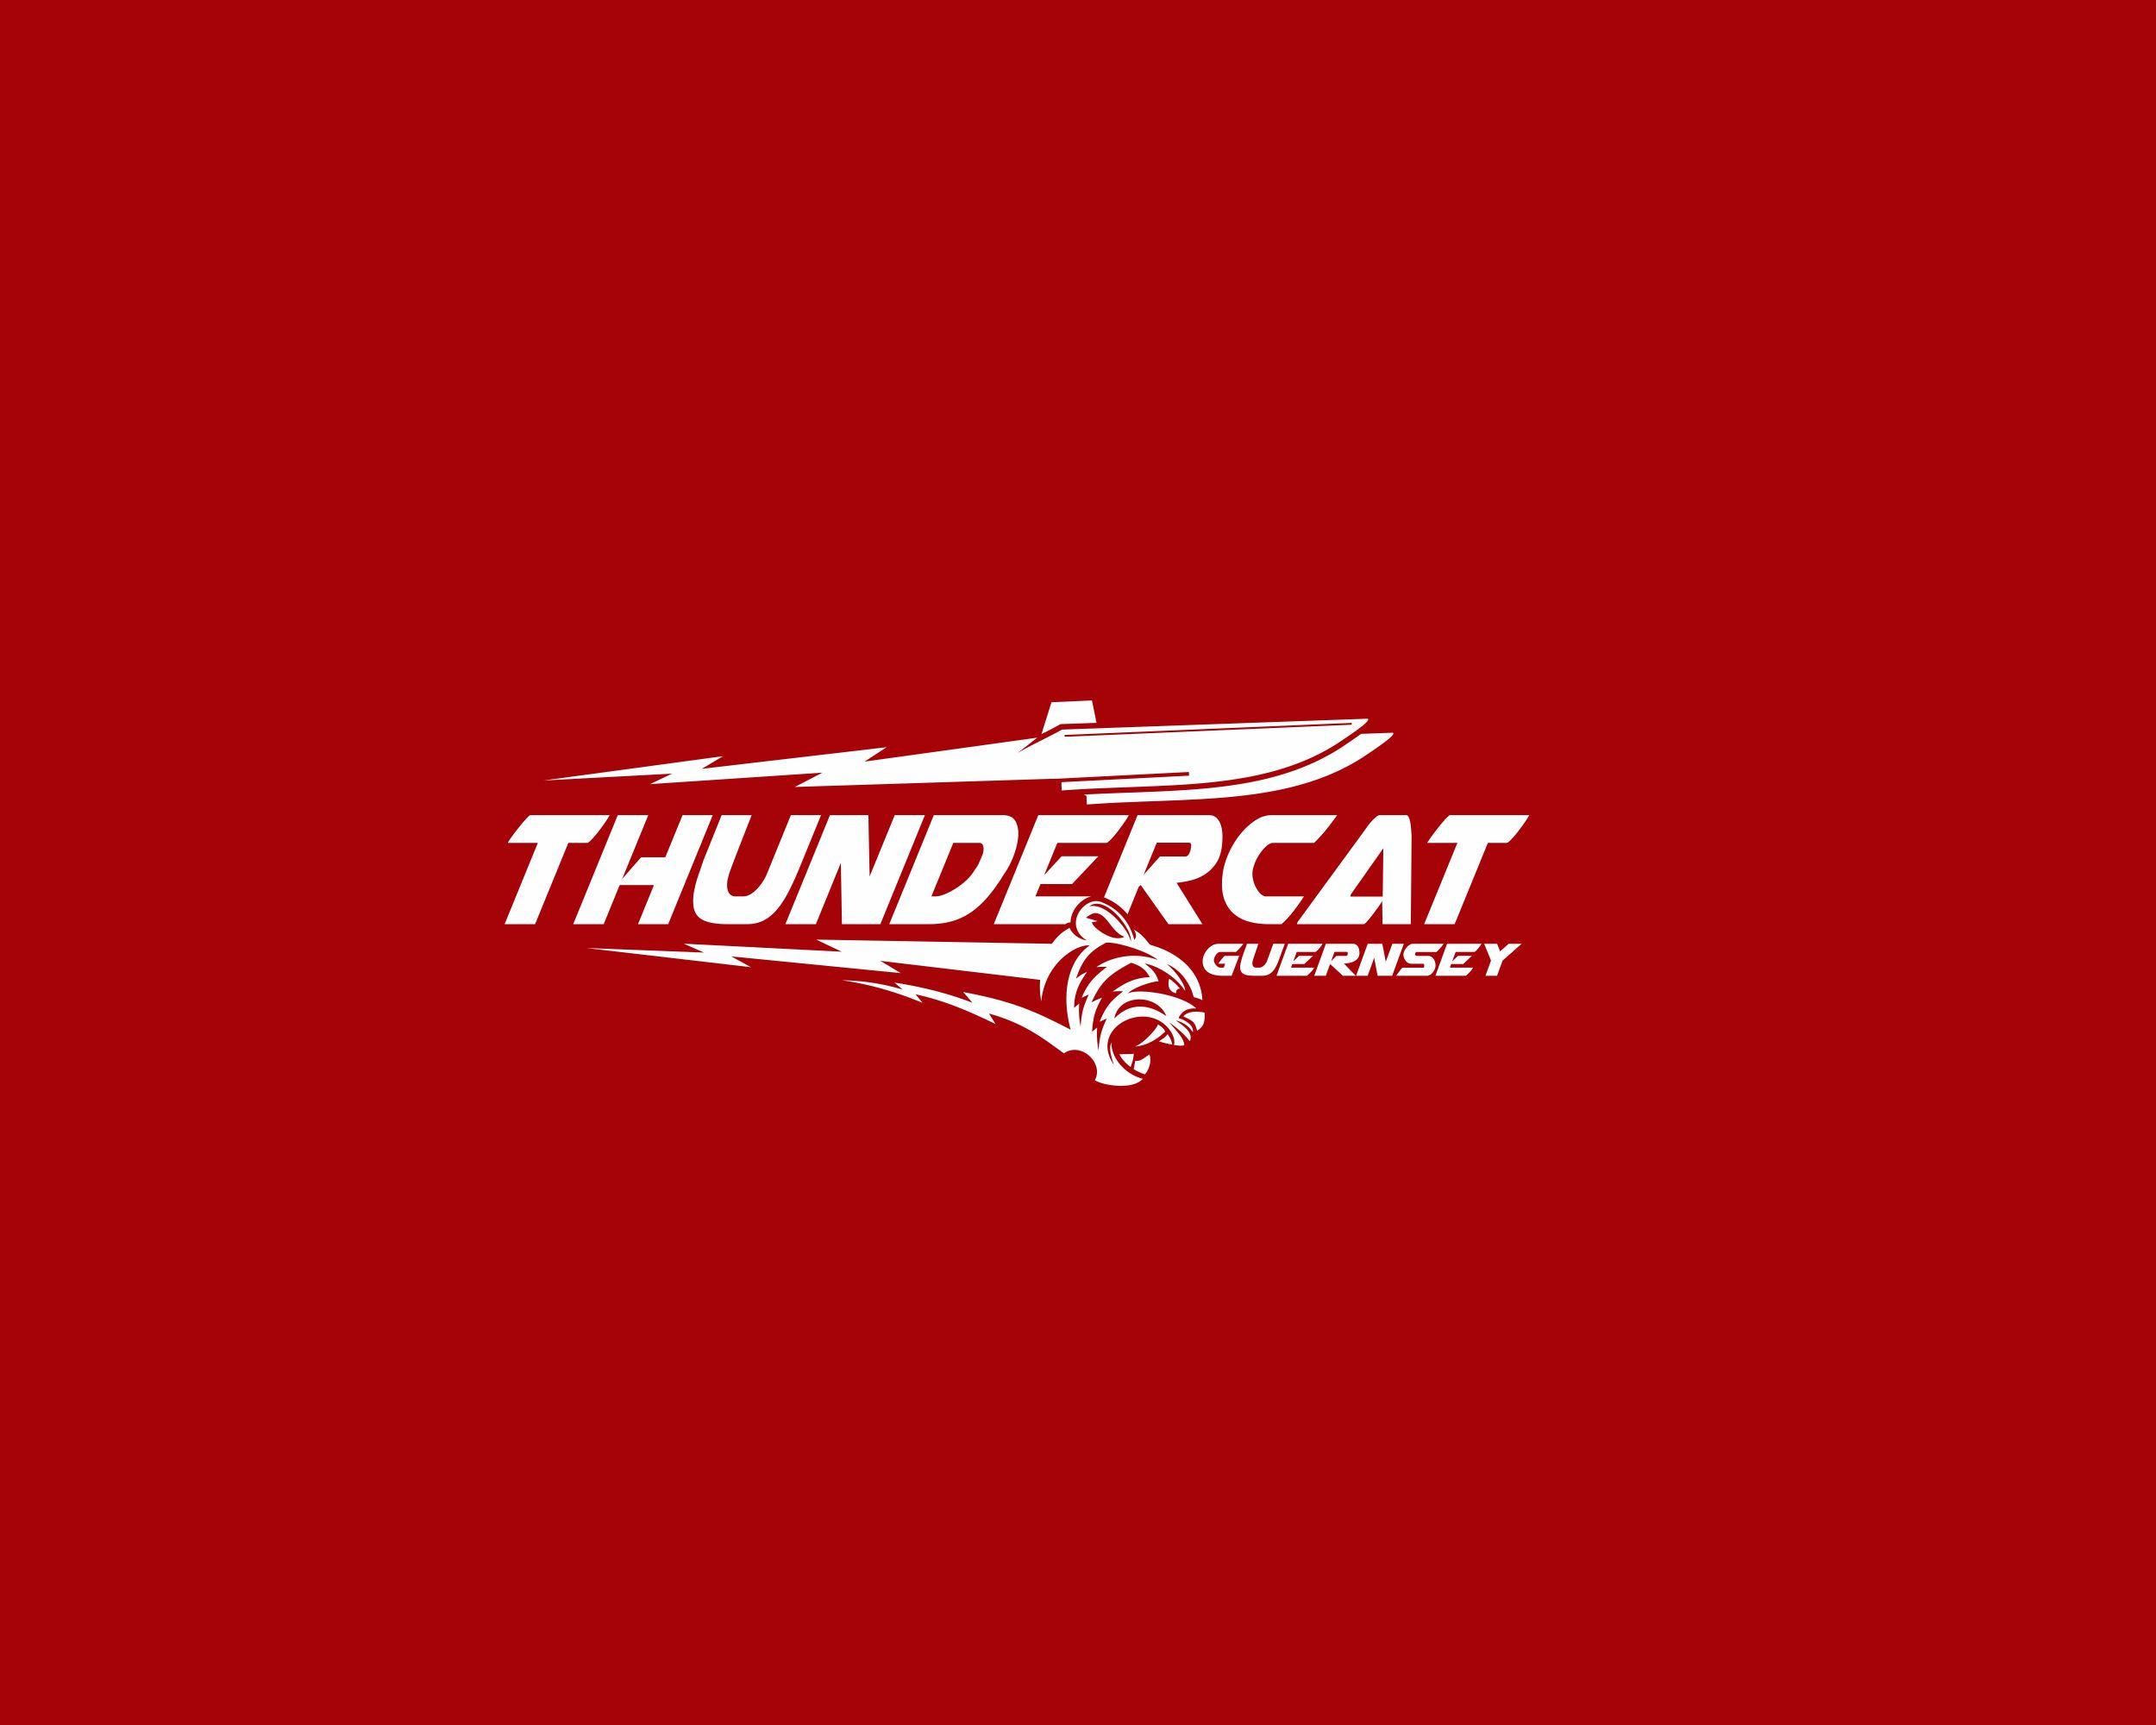 ThundercatLogo.jpg